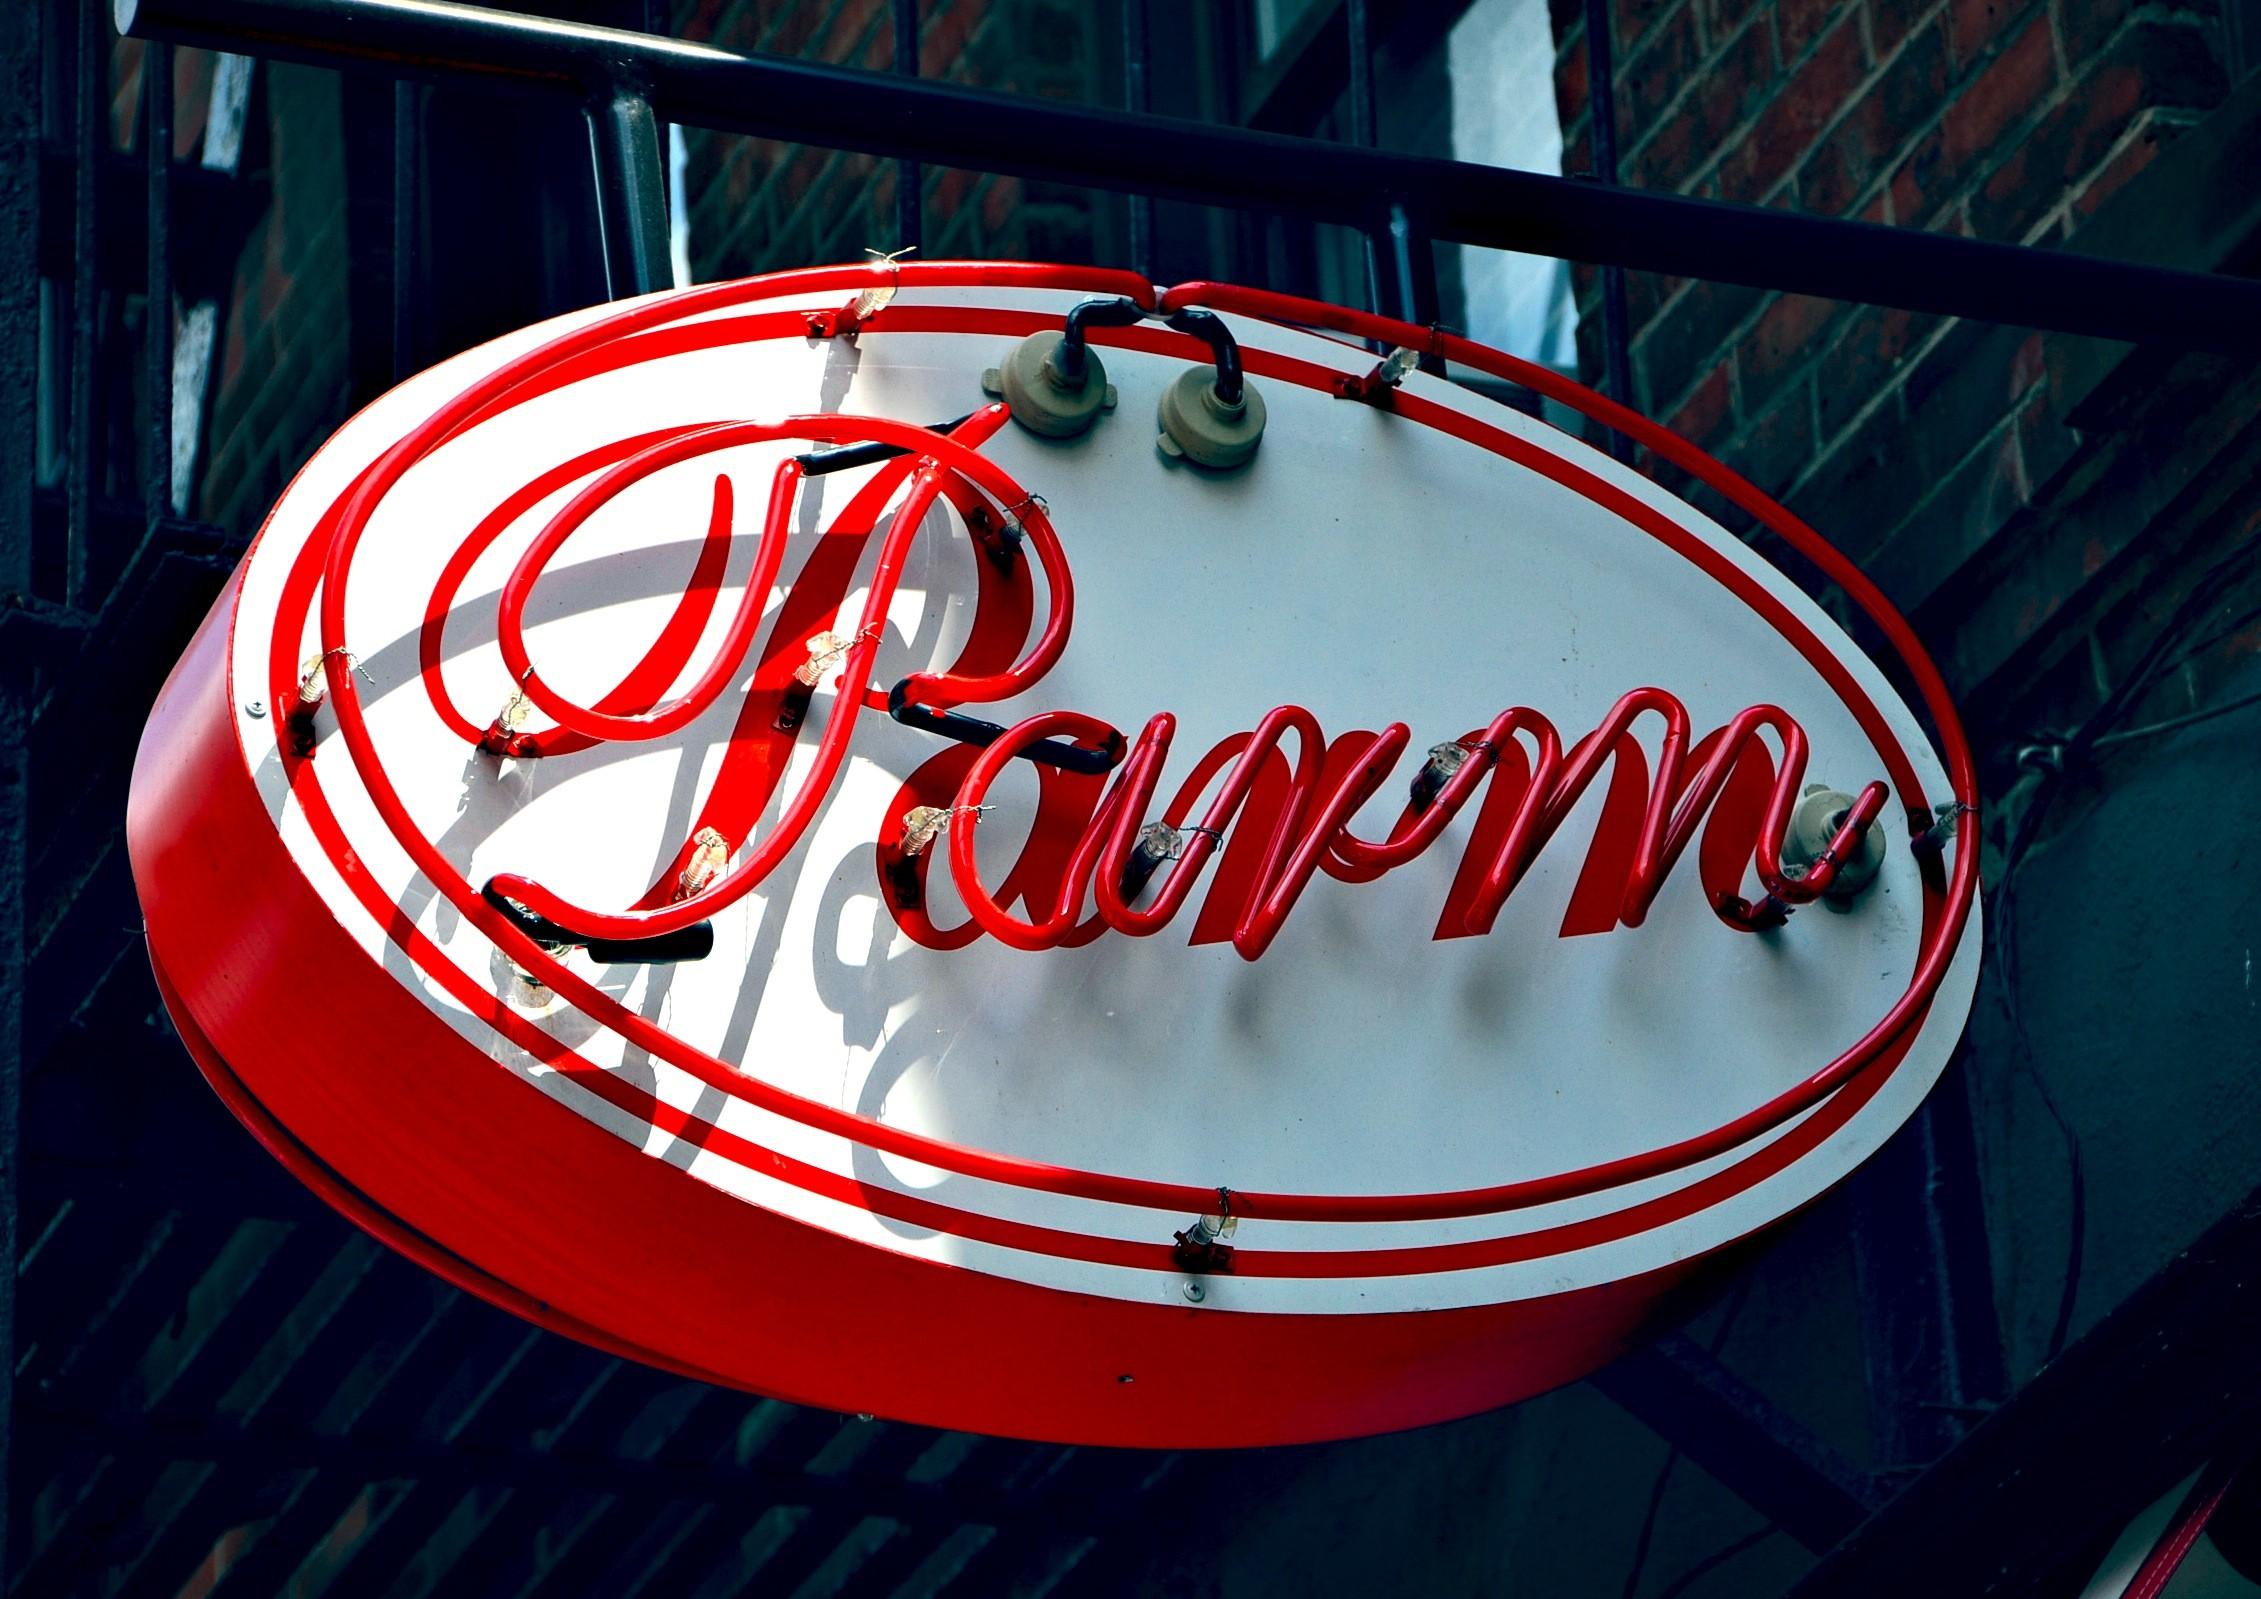 KarenMessing-parm-1